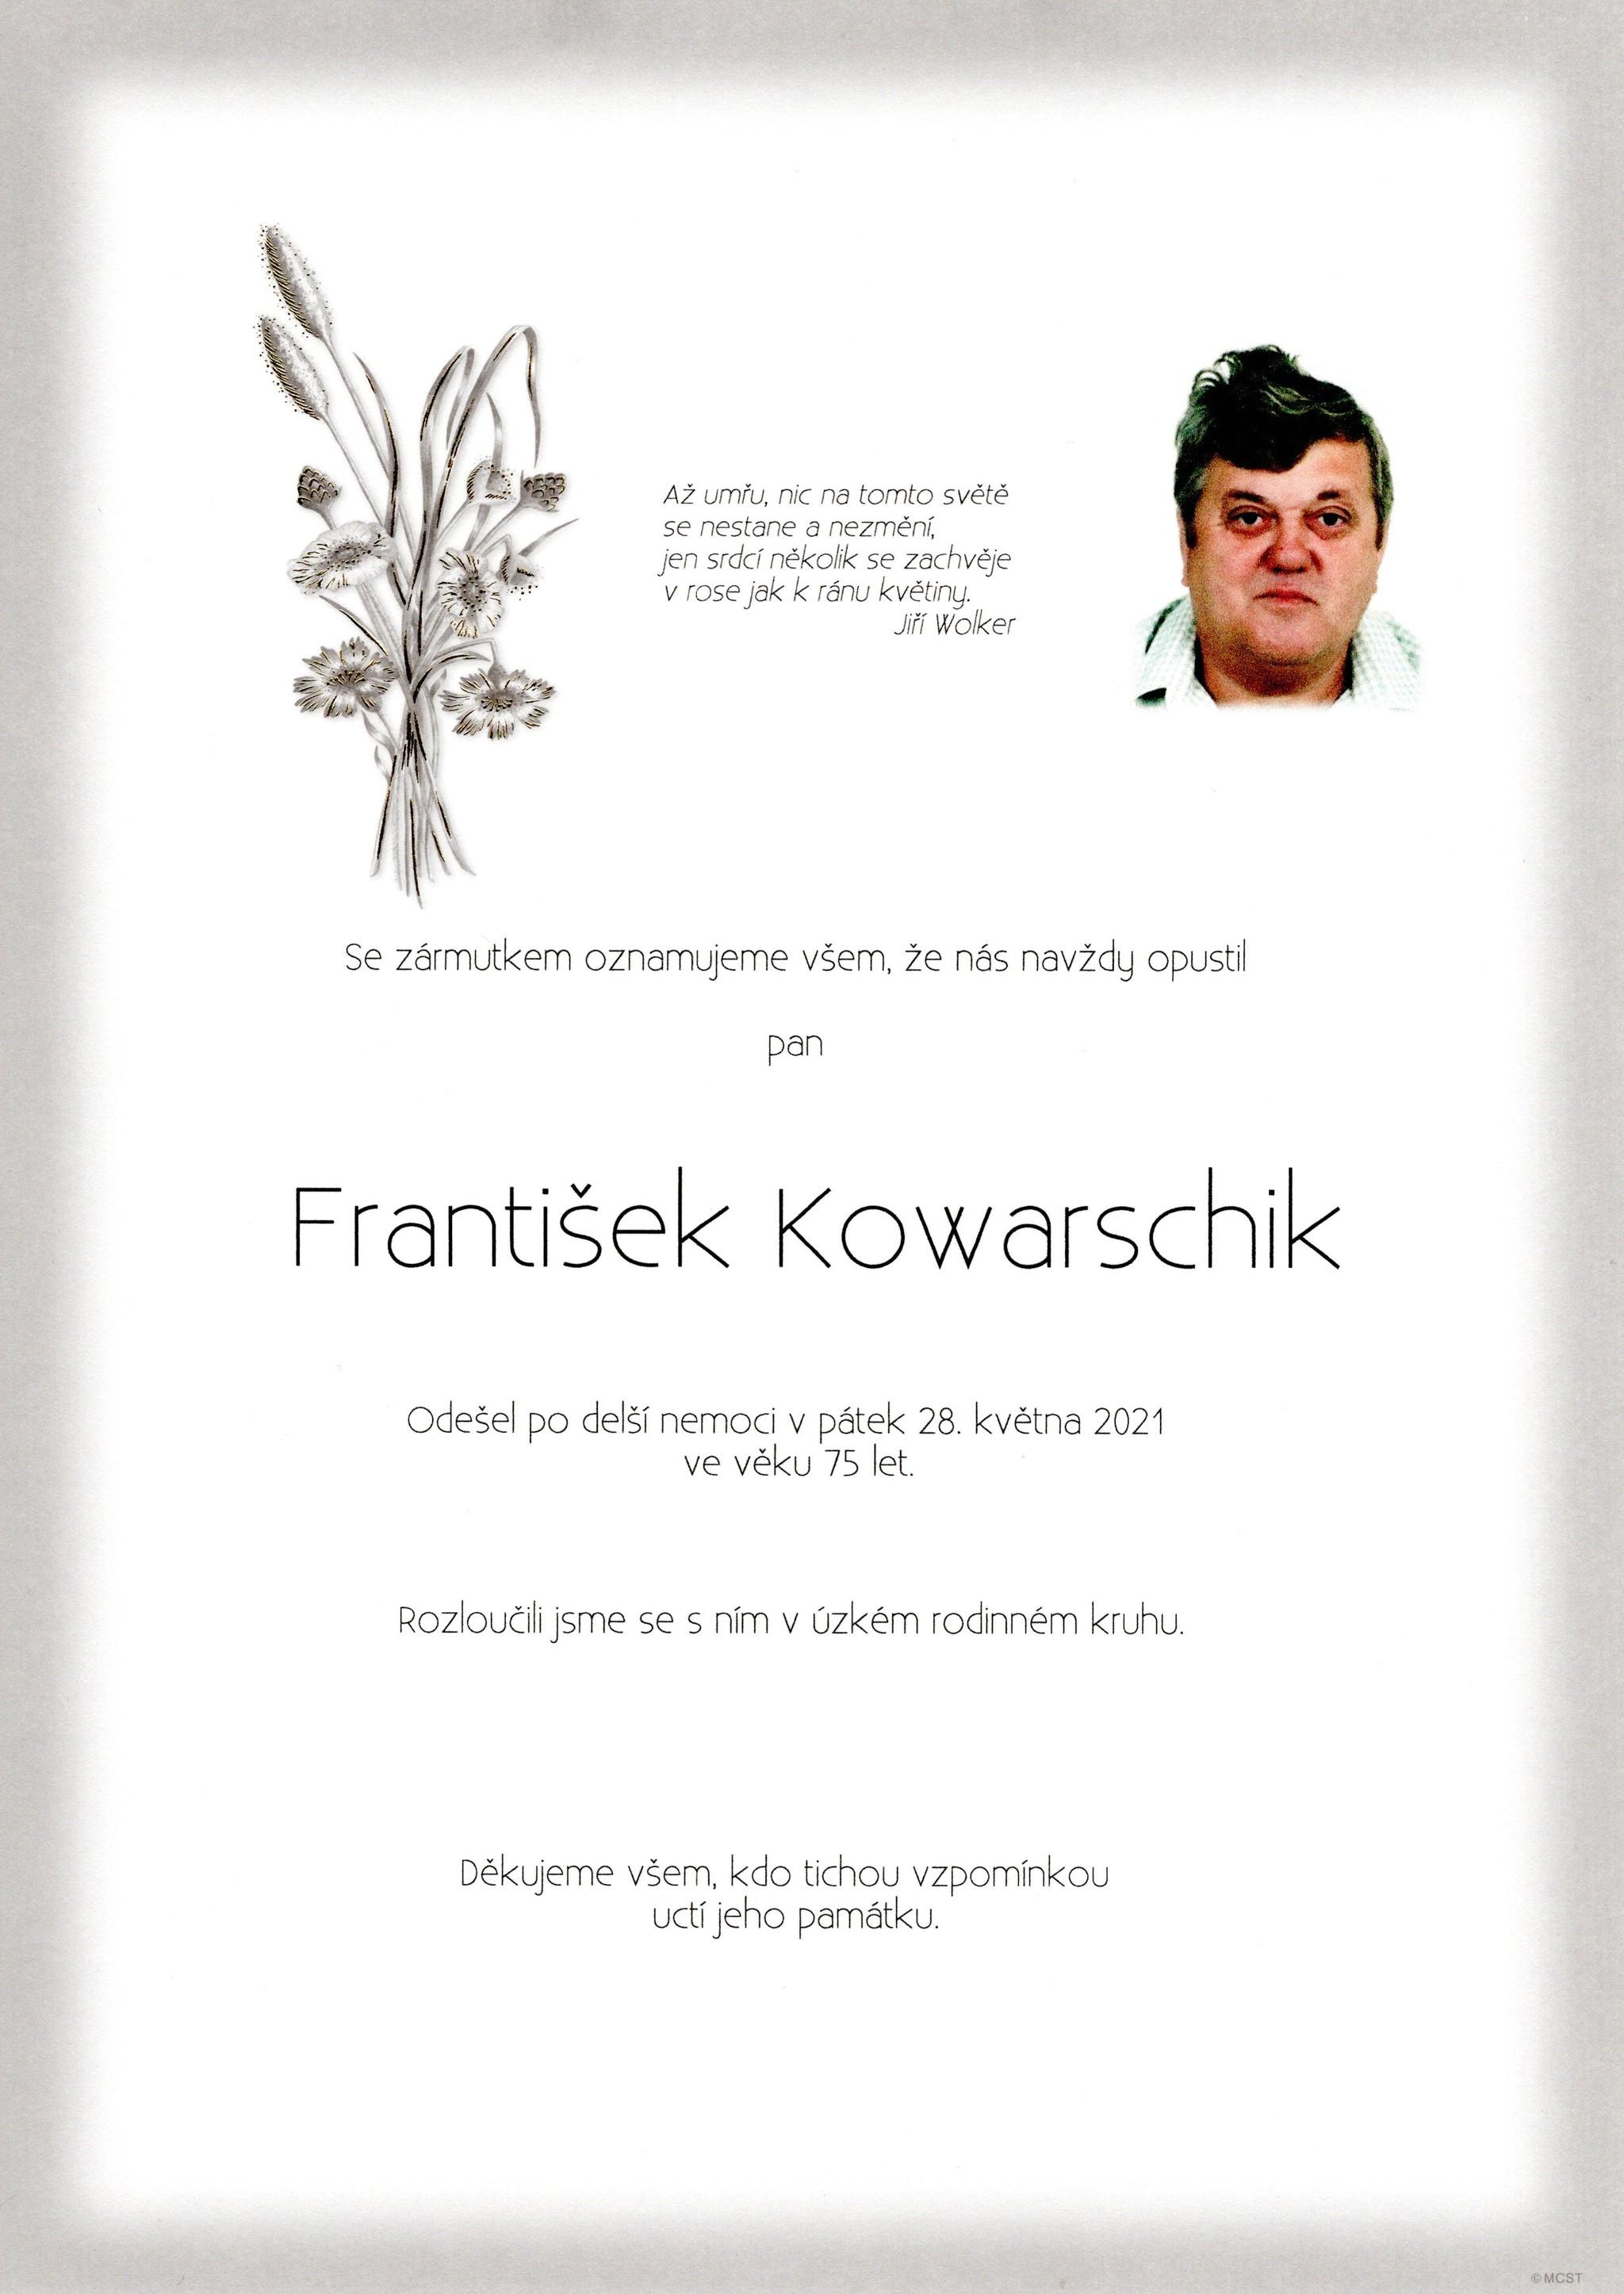 František Kowarschik